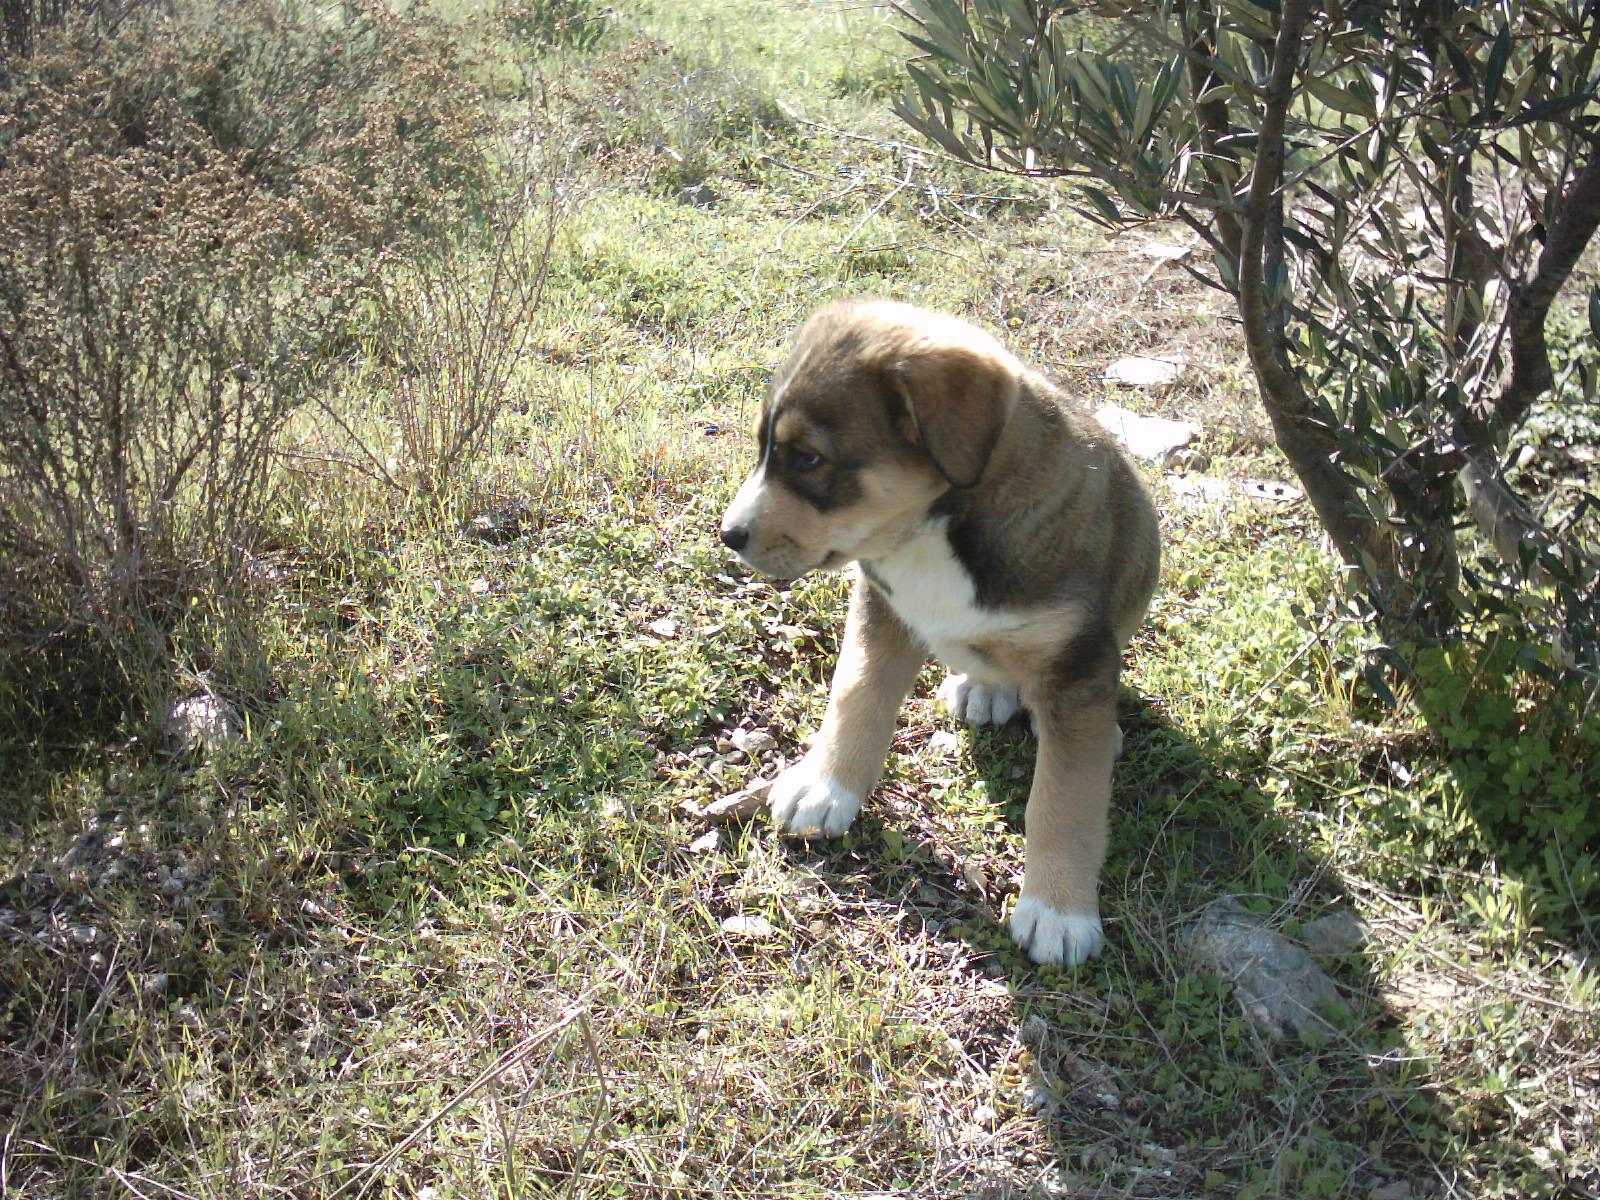 Ab wann sind Hunde stubenrein?